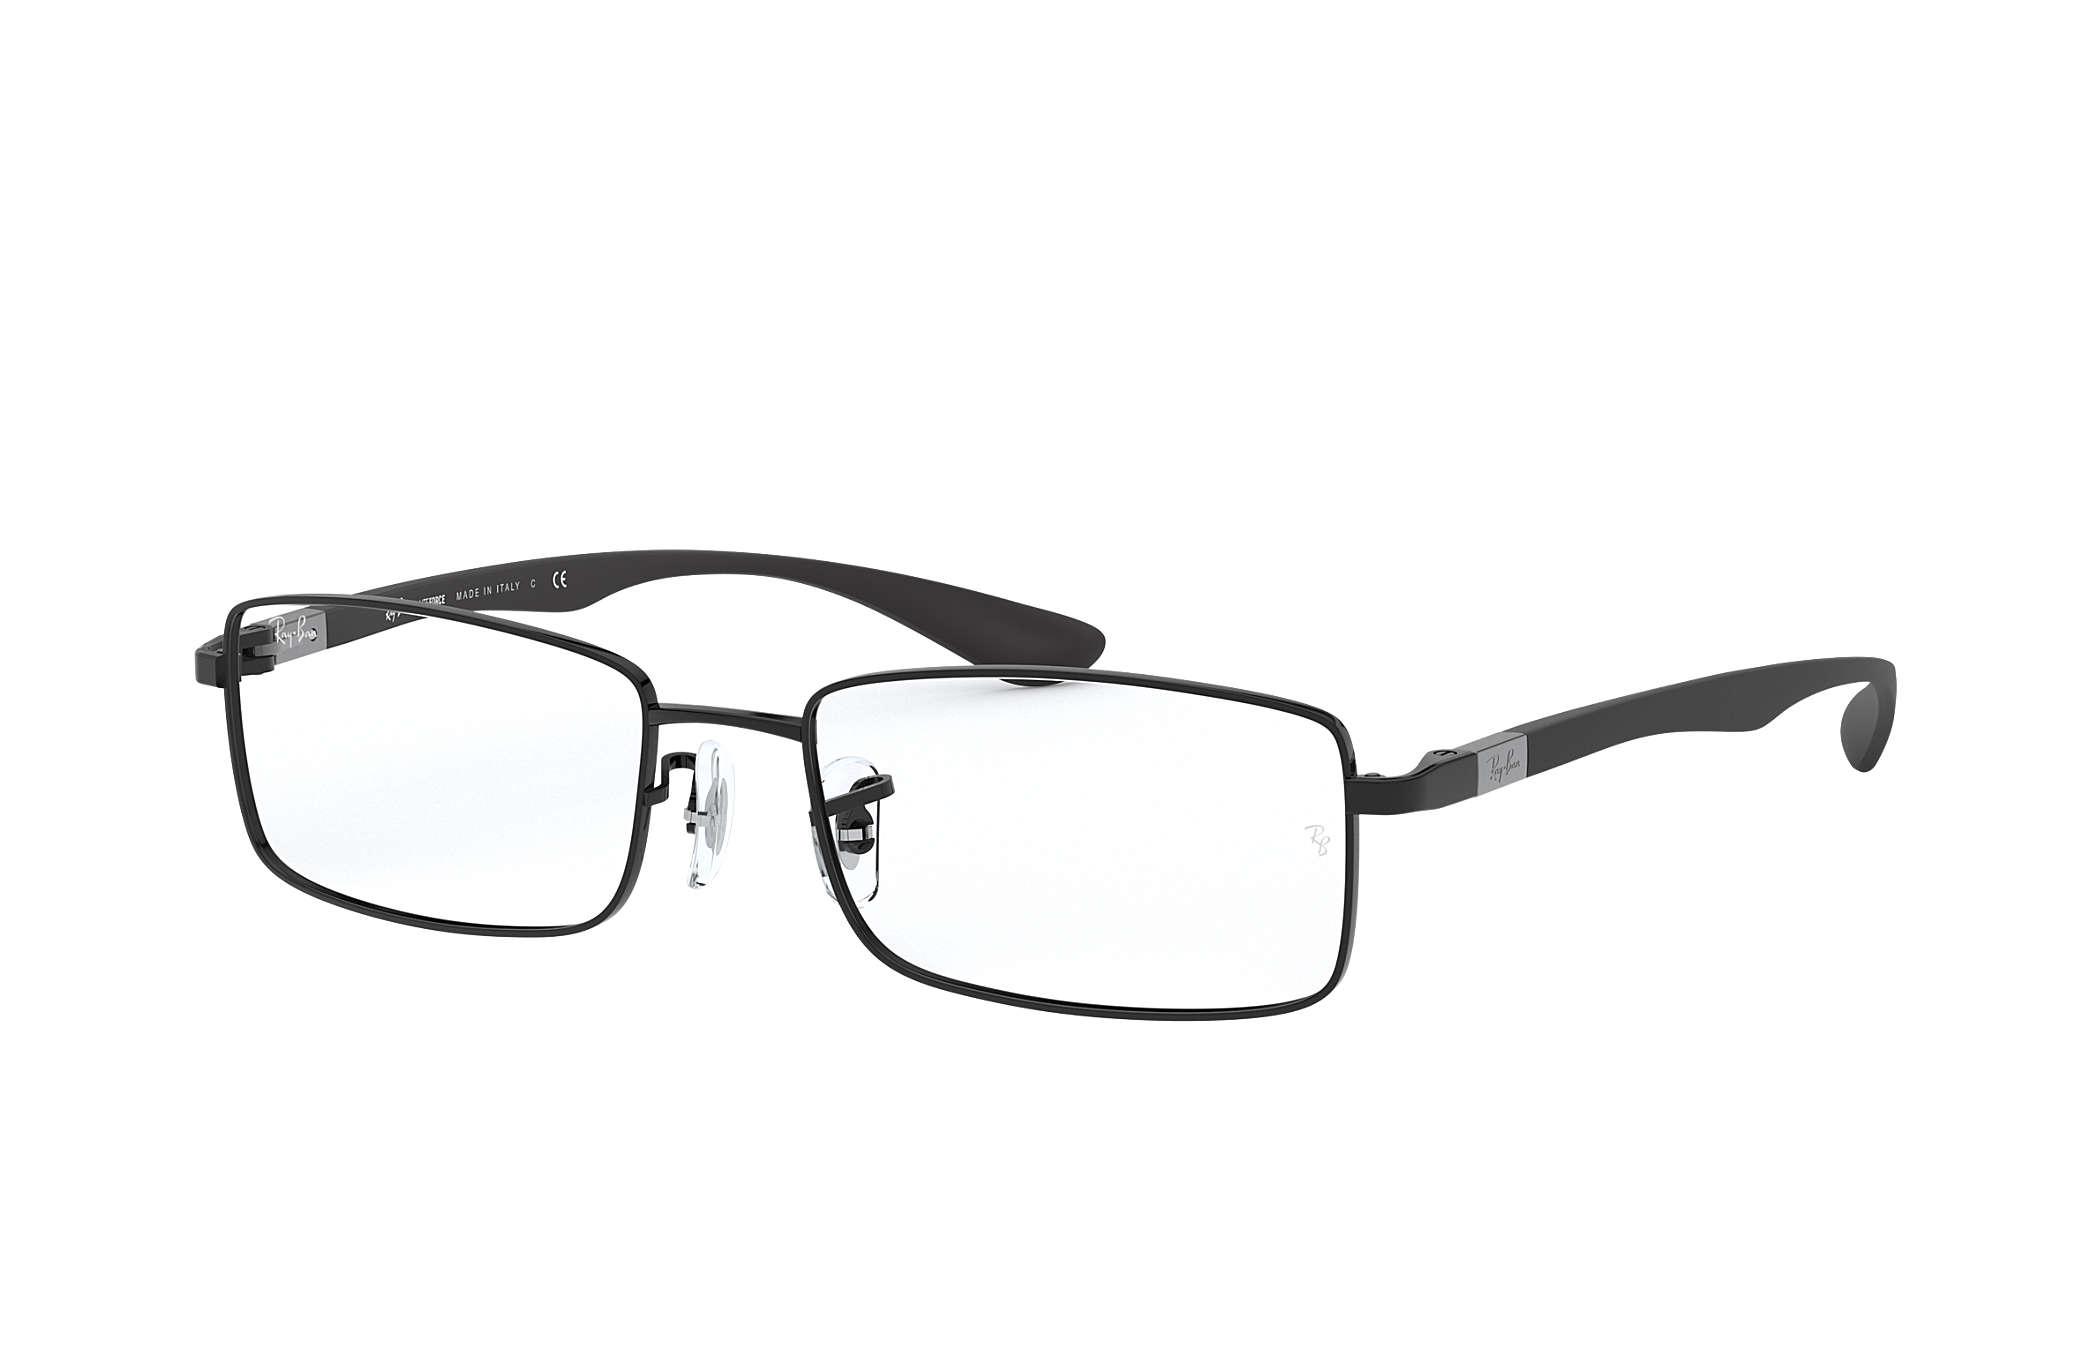 69b0ea22c6eeb Ray-Ban prescription glasses RB6286 Black - Liteforce ...